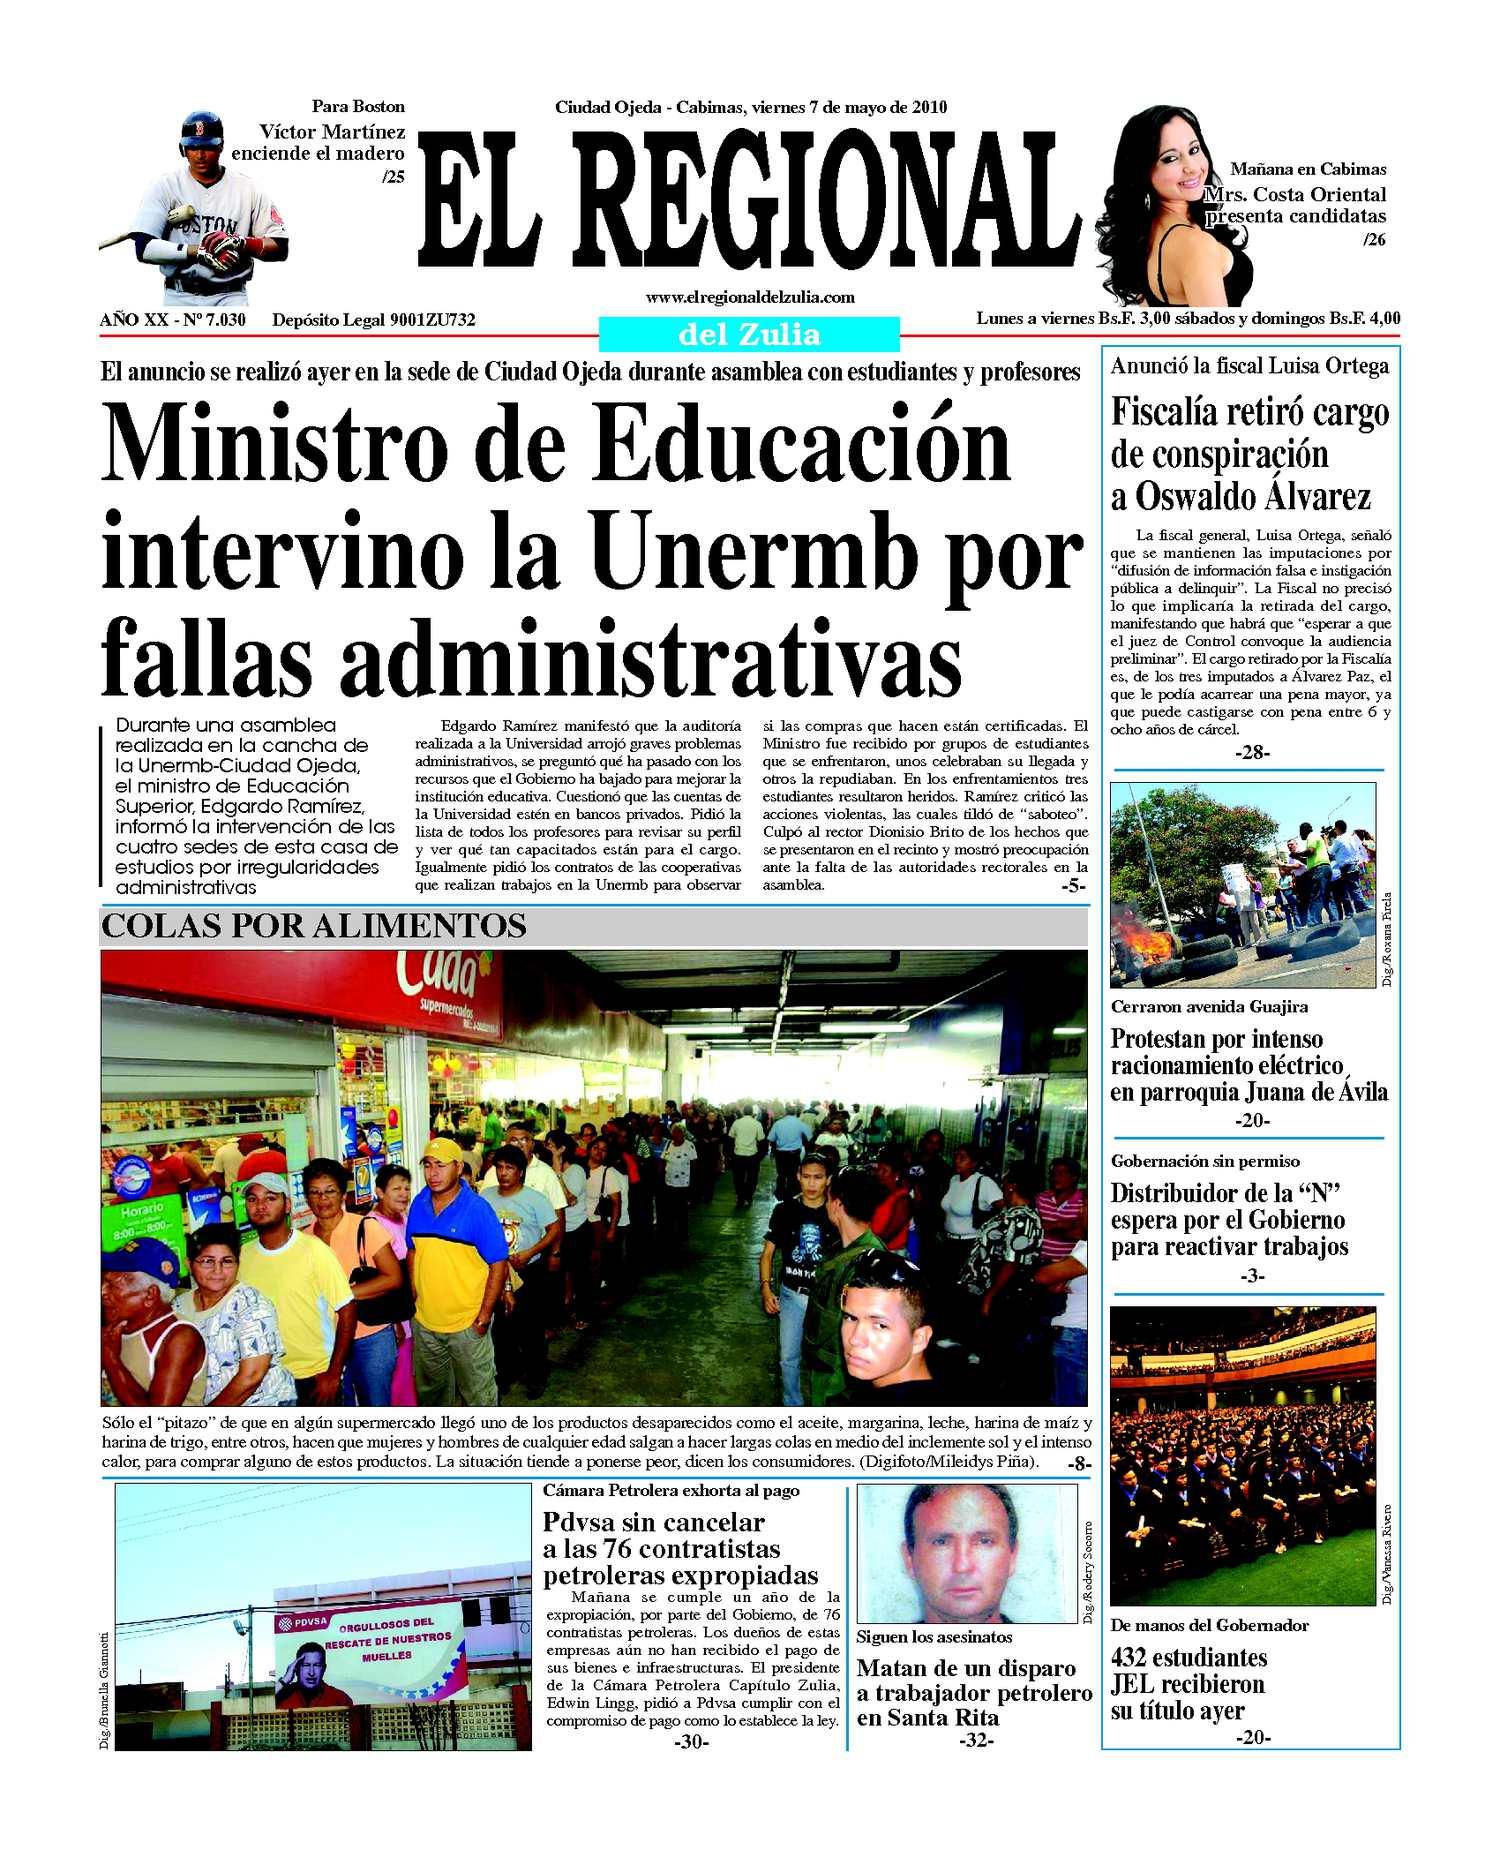 El Regional del Zulia | 07-05-2010